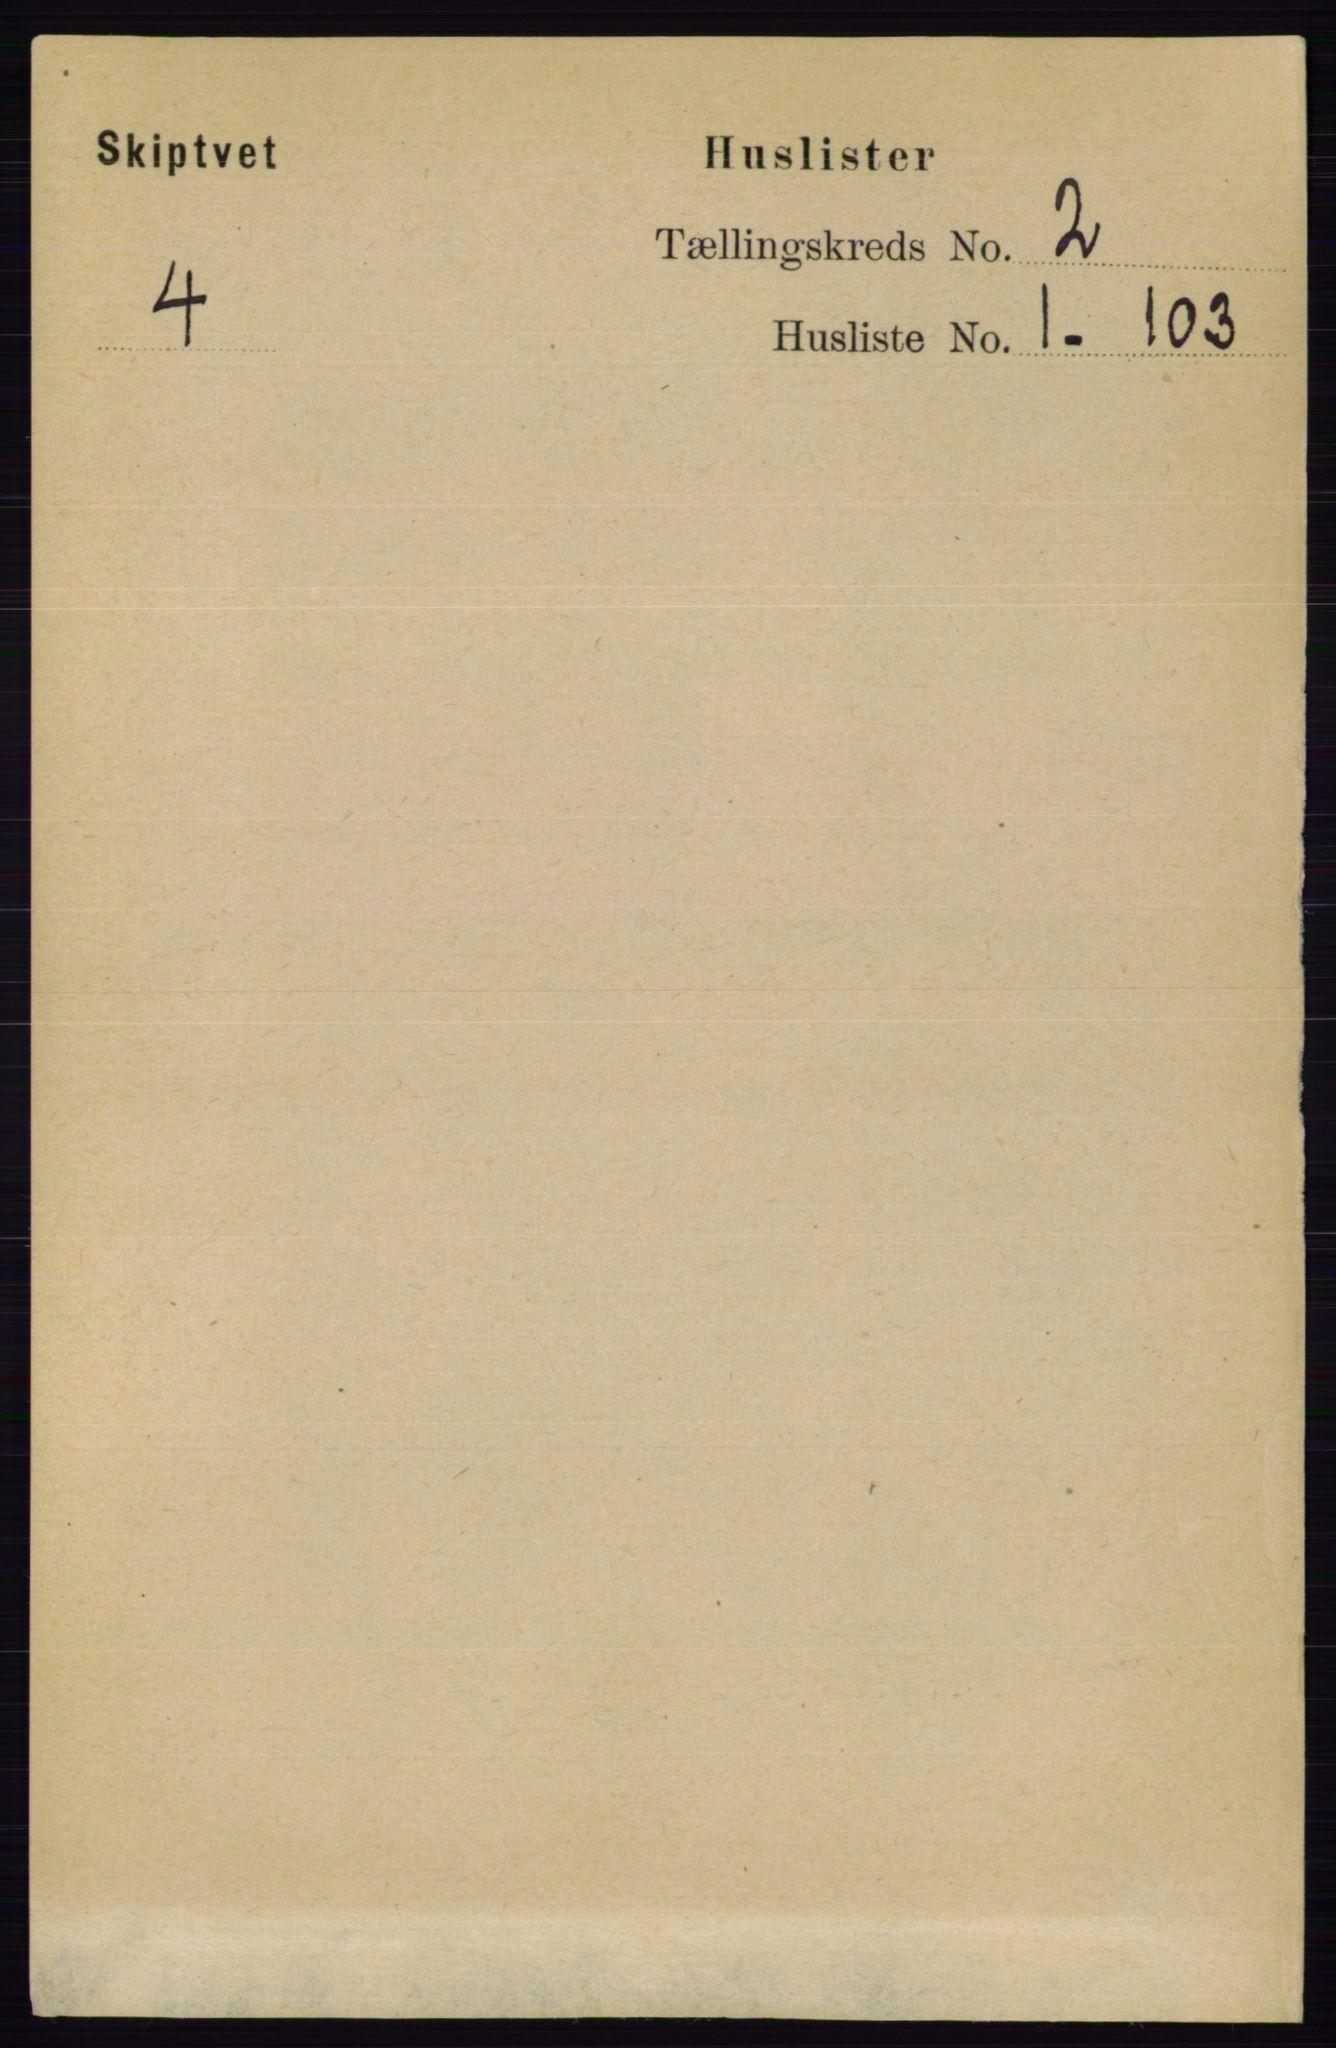 RA, Folketelling 1891 for 0127 Skiptvet herred, 1891, s. 466